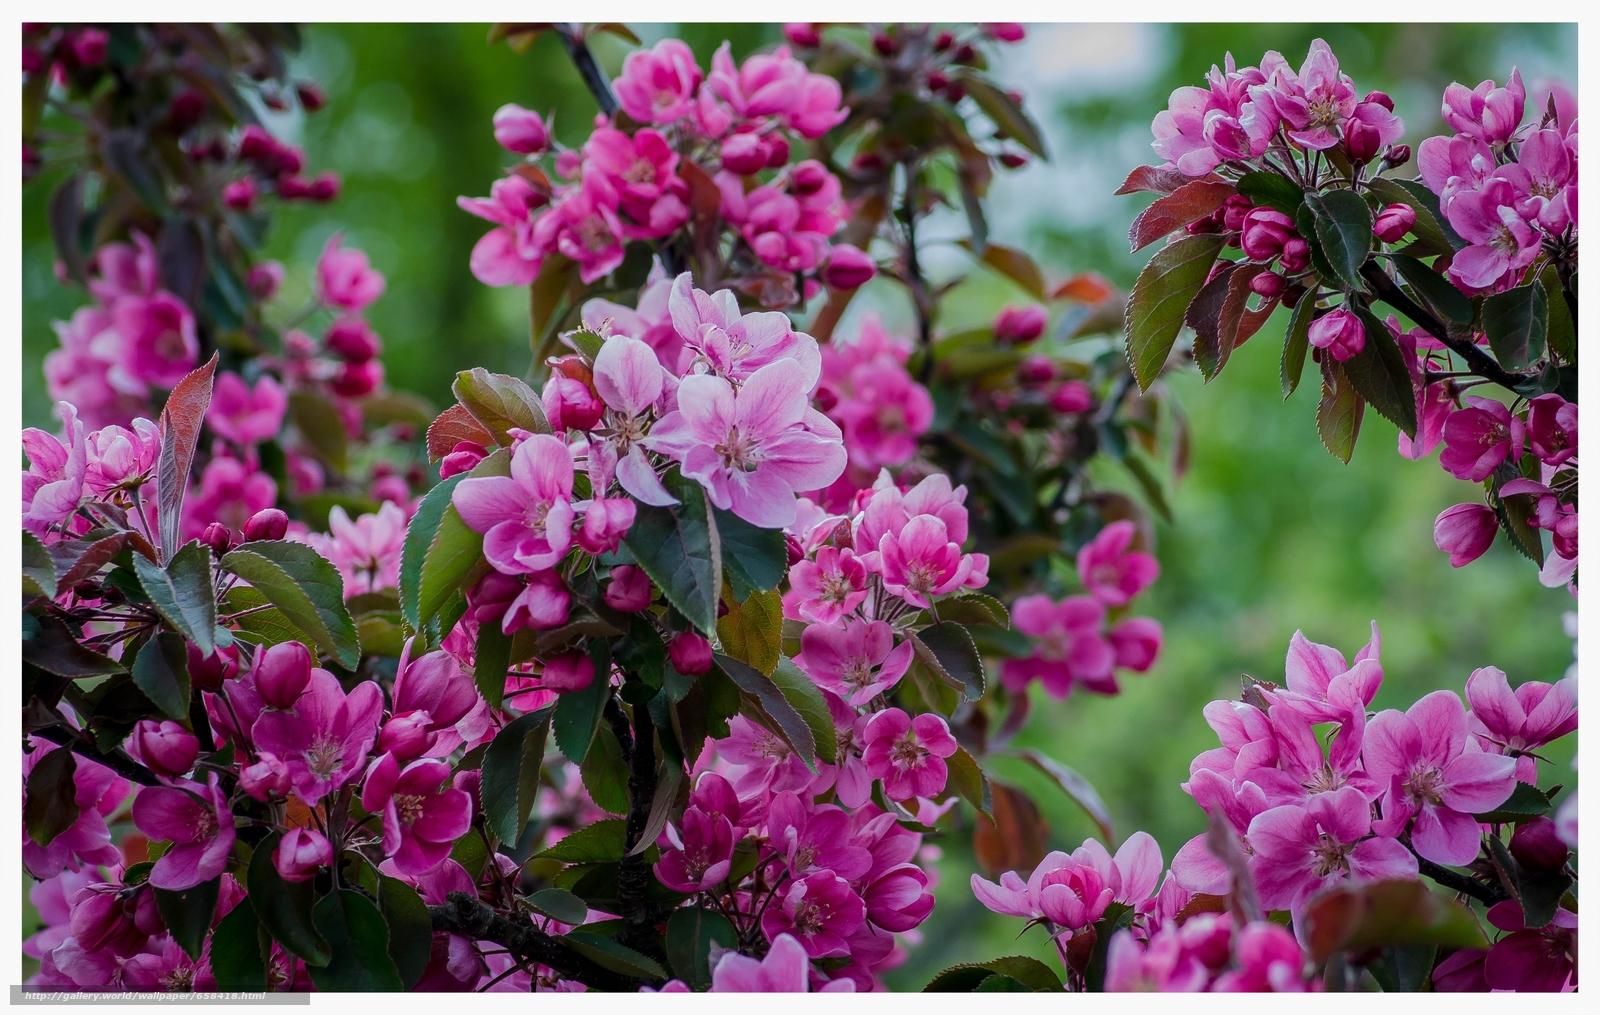 Скачать обои цветок,  цветы,  флора,  Cherry Blossoms бесплатно для рабочего стола в разрешении 4527x2872 — картинка №658418